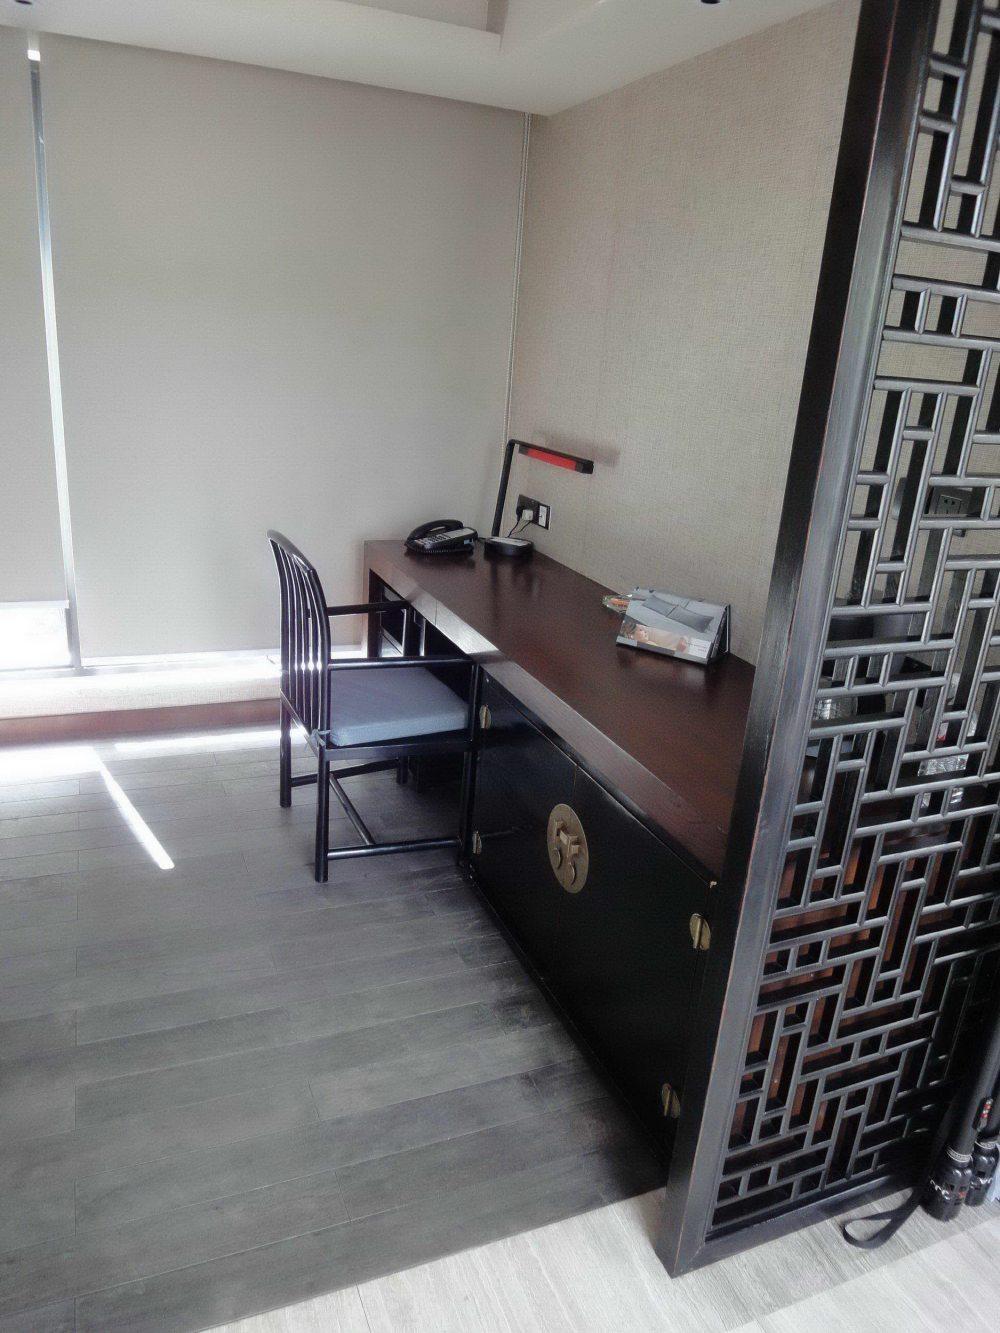 云南丽江铂尔曼渡假酒店(Lijiang Pullman Hotel)(CCD)(第8页更新)_DSC05199.jpg